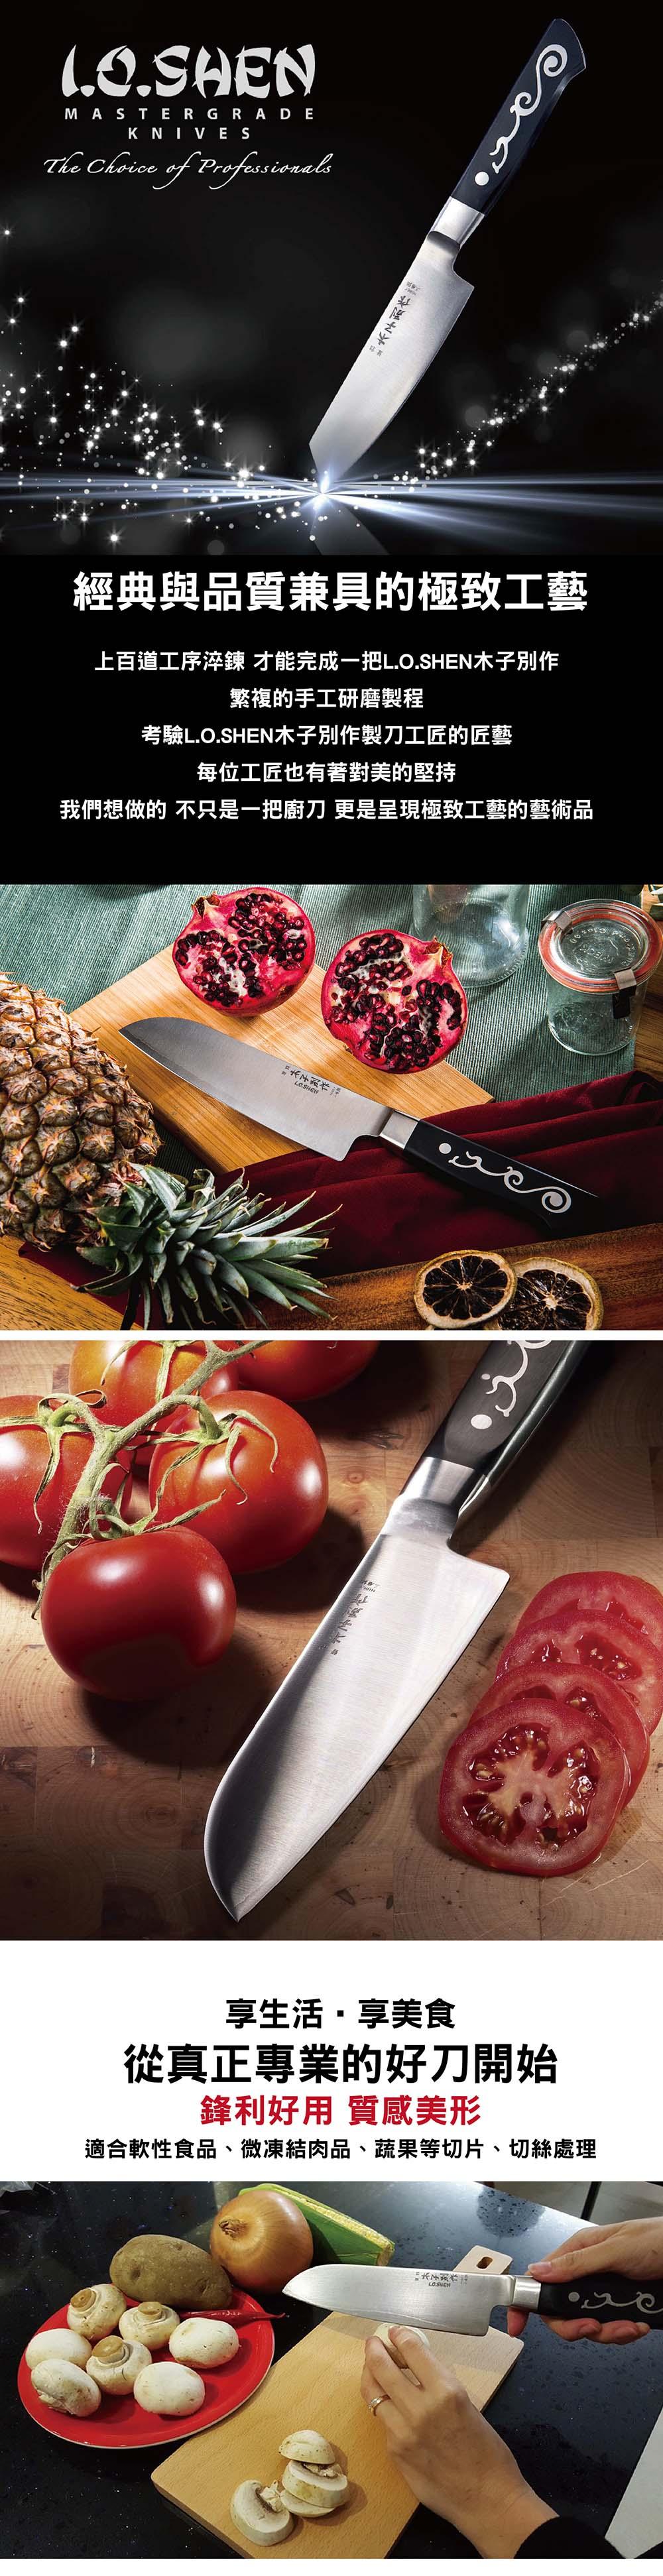 《木子別作》傑米奧利弗最愛鋼刀